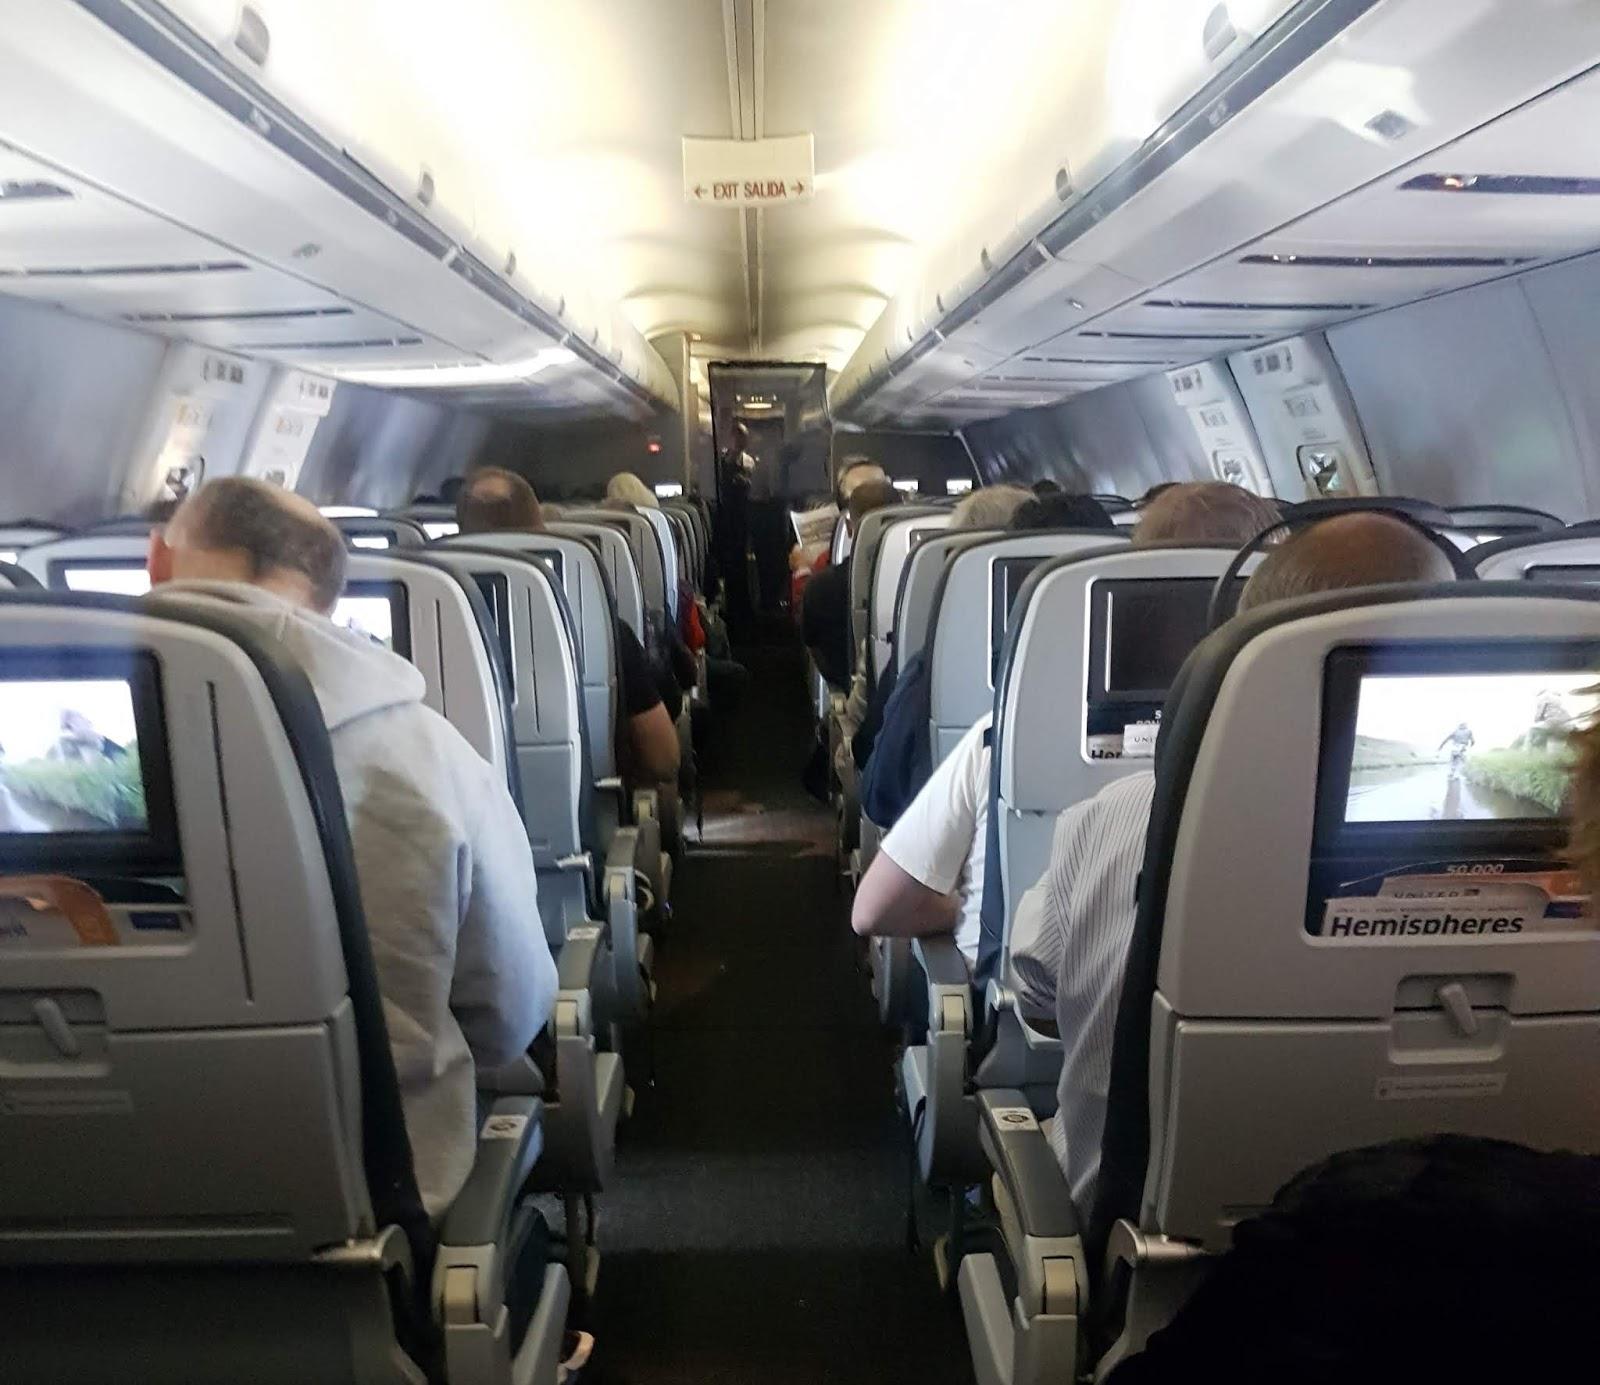 Pulso guayaco +Trip ( Viajes, tips, noticias): Esto debes saber si vas en  una silla ubicada en la ventanilla de emergencia de un avión